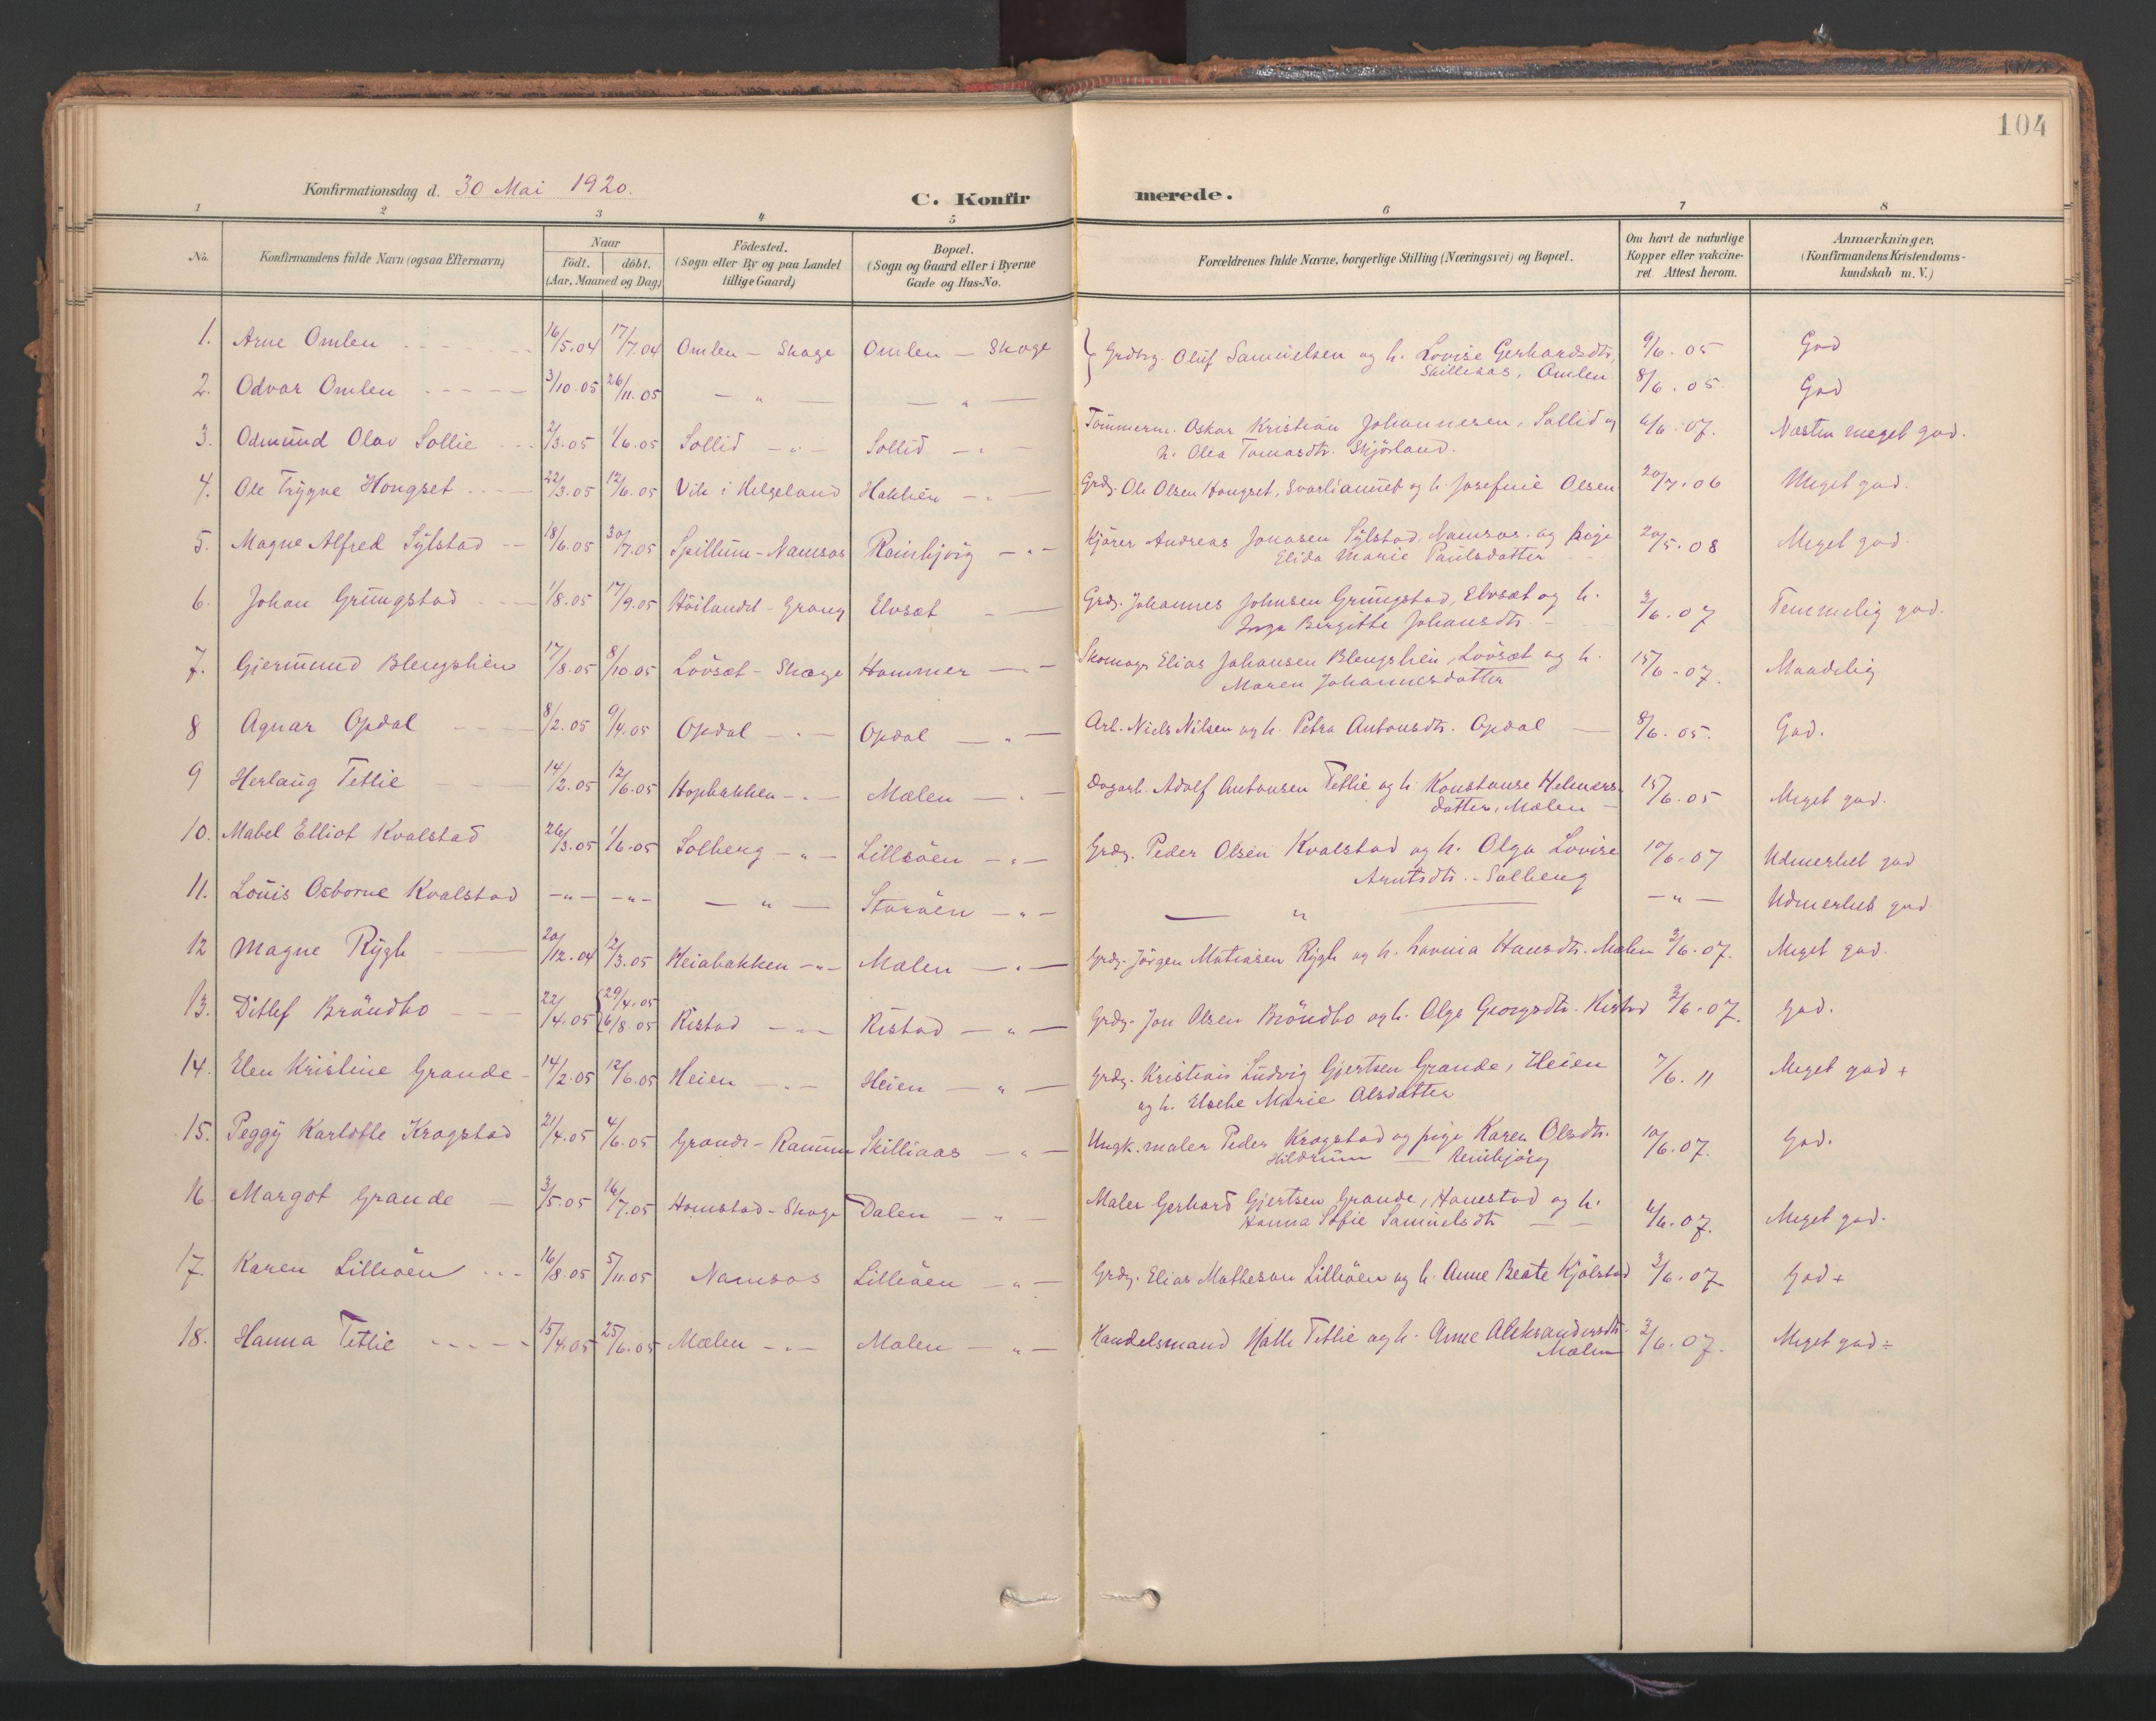 SAT, Ministerialprotokoller, klokkerbøker og fødselsregistre - Nord-Trøndelag, 766/L0564: Ministerialbok nr. 767A02, 1900-1932, s. 104